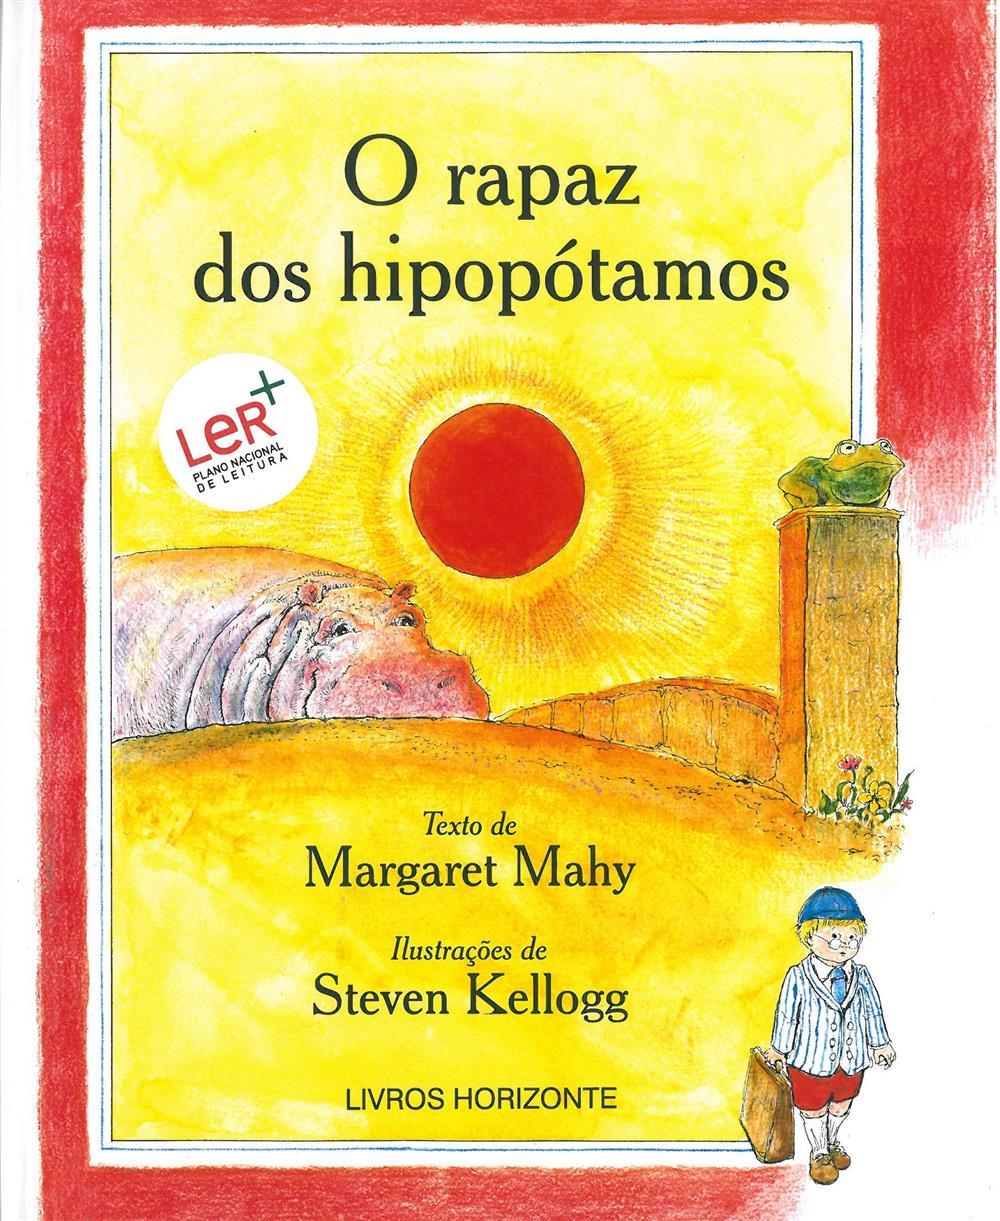 O rapaz dos hipopótamos.jpg